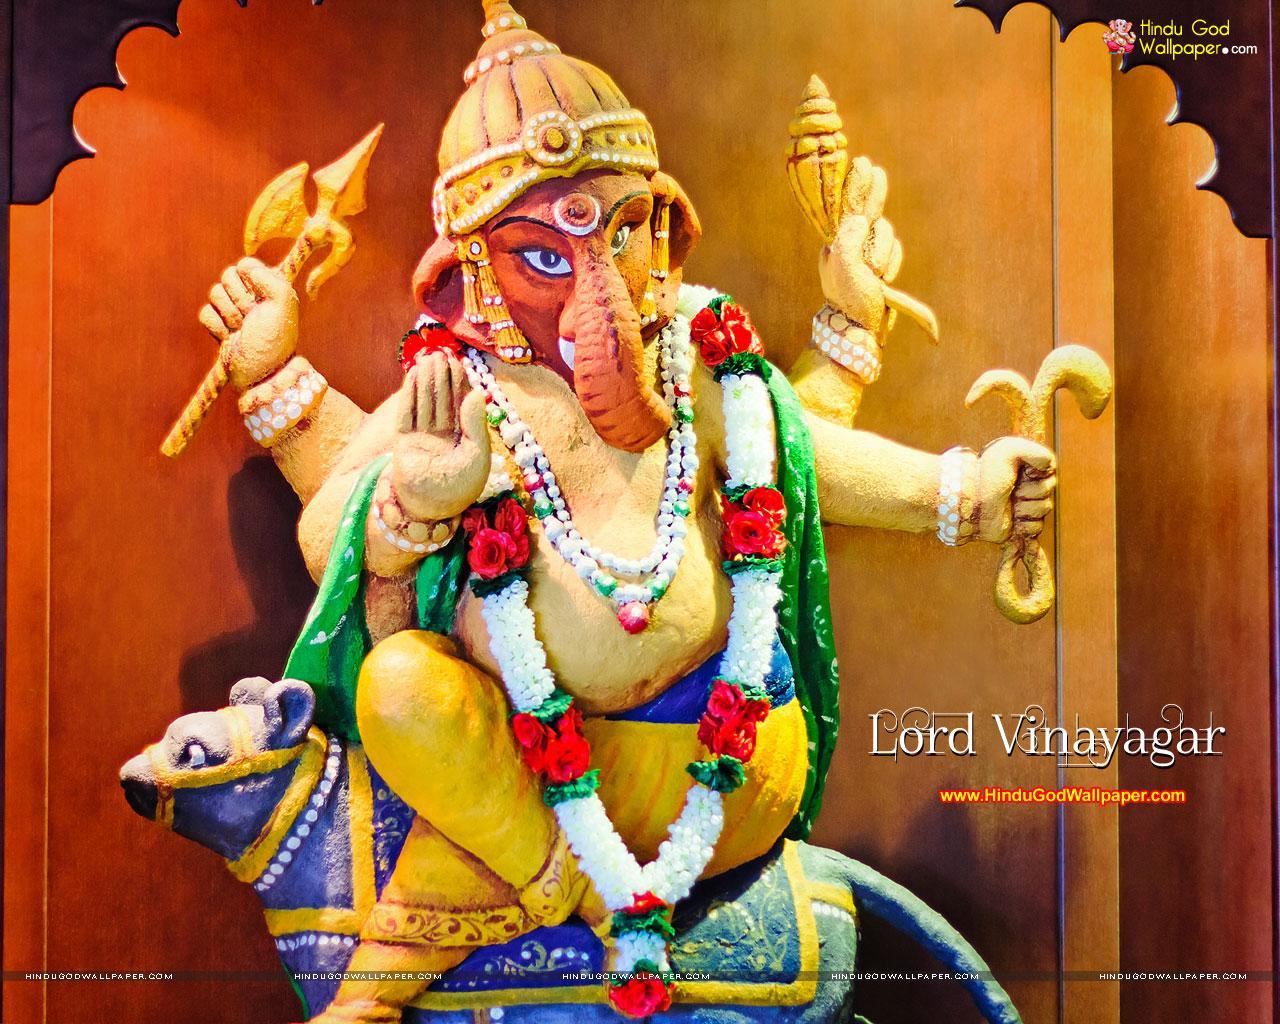 1280x1024 Lord Vinayagar Hình nền, Tải xuống Hình ảnh & Hình ảnh